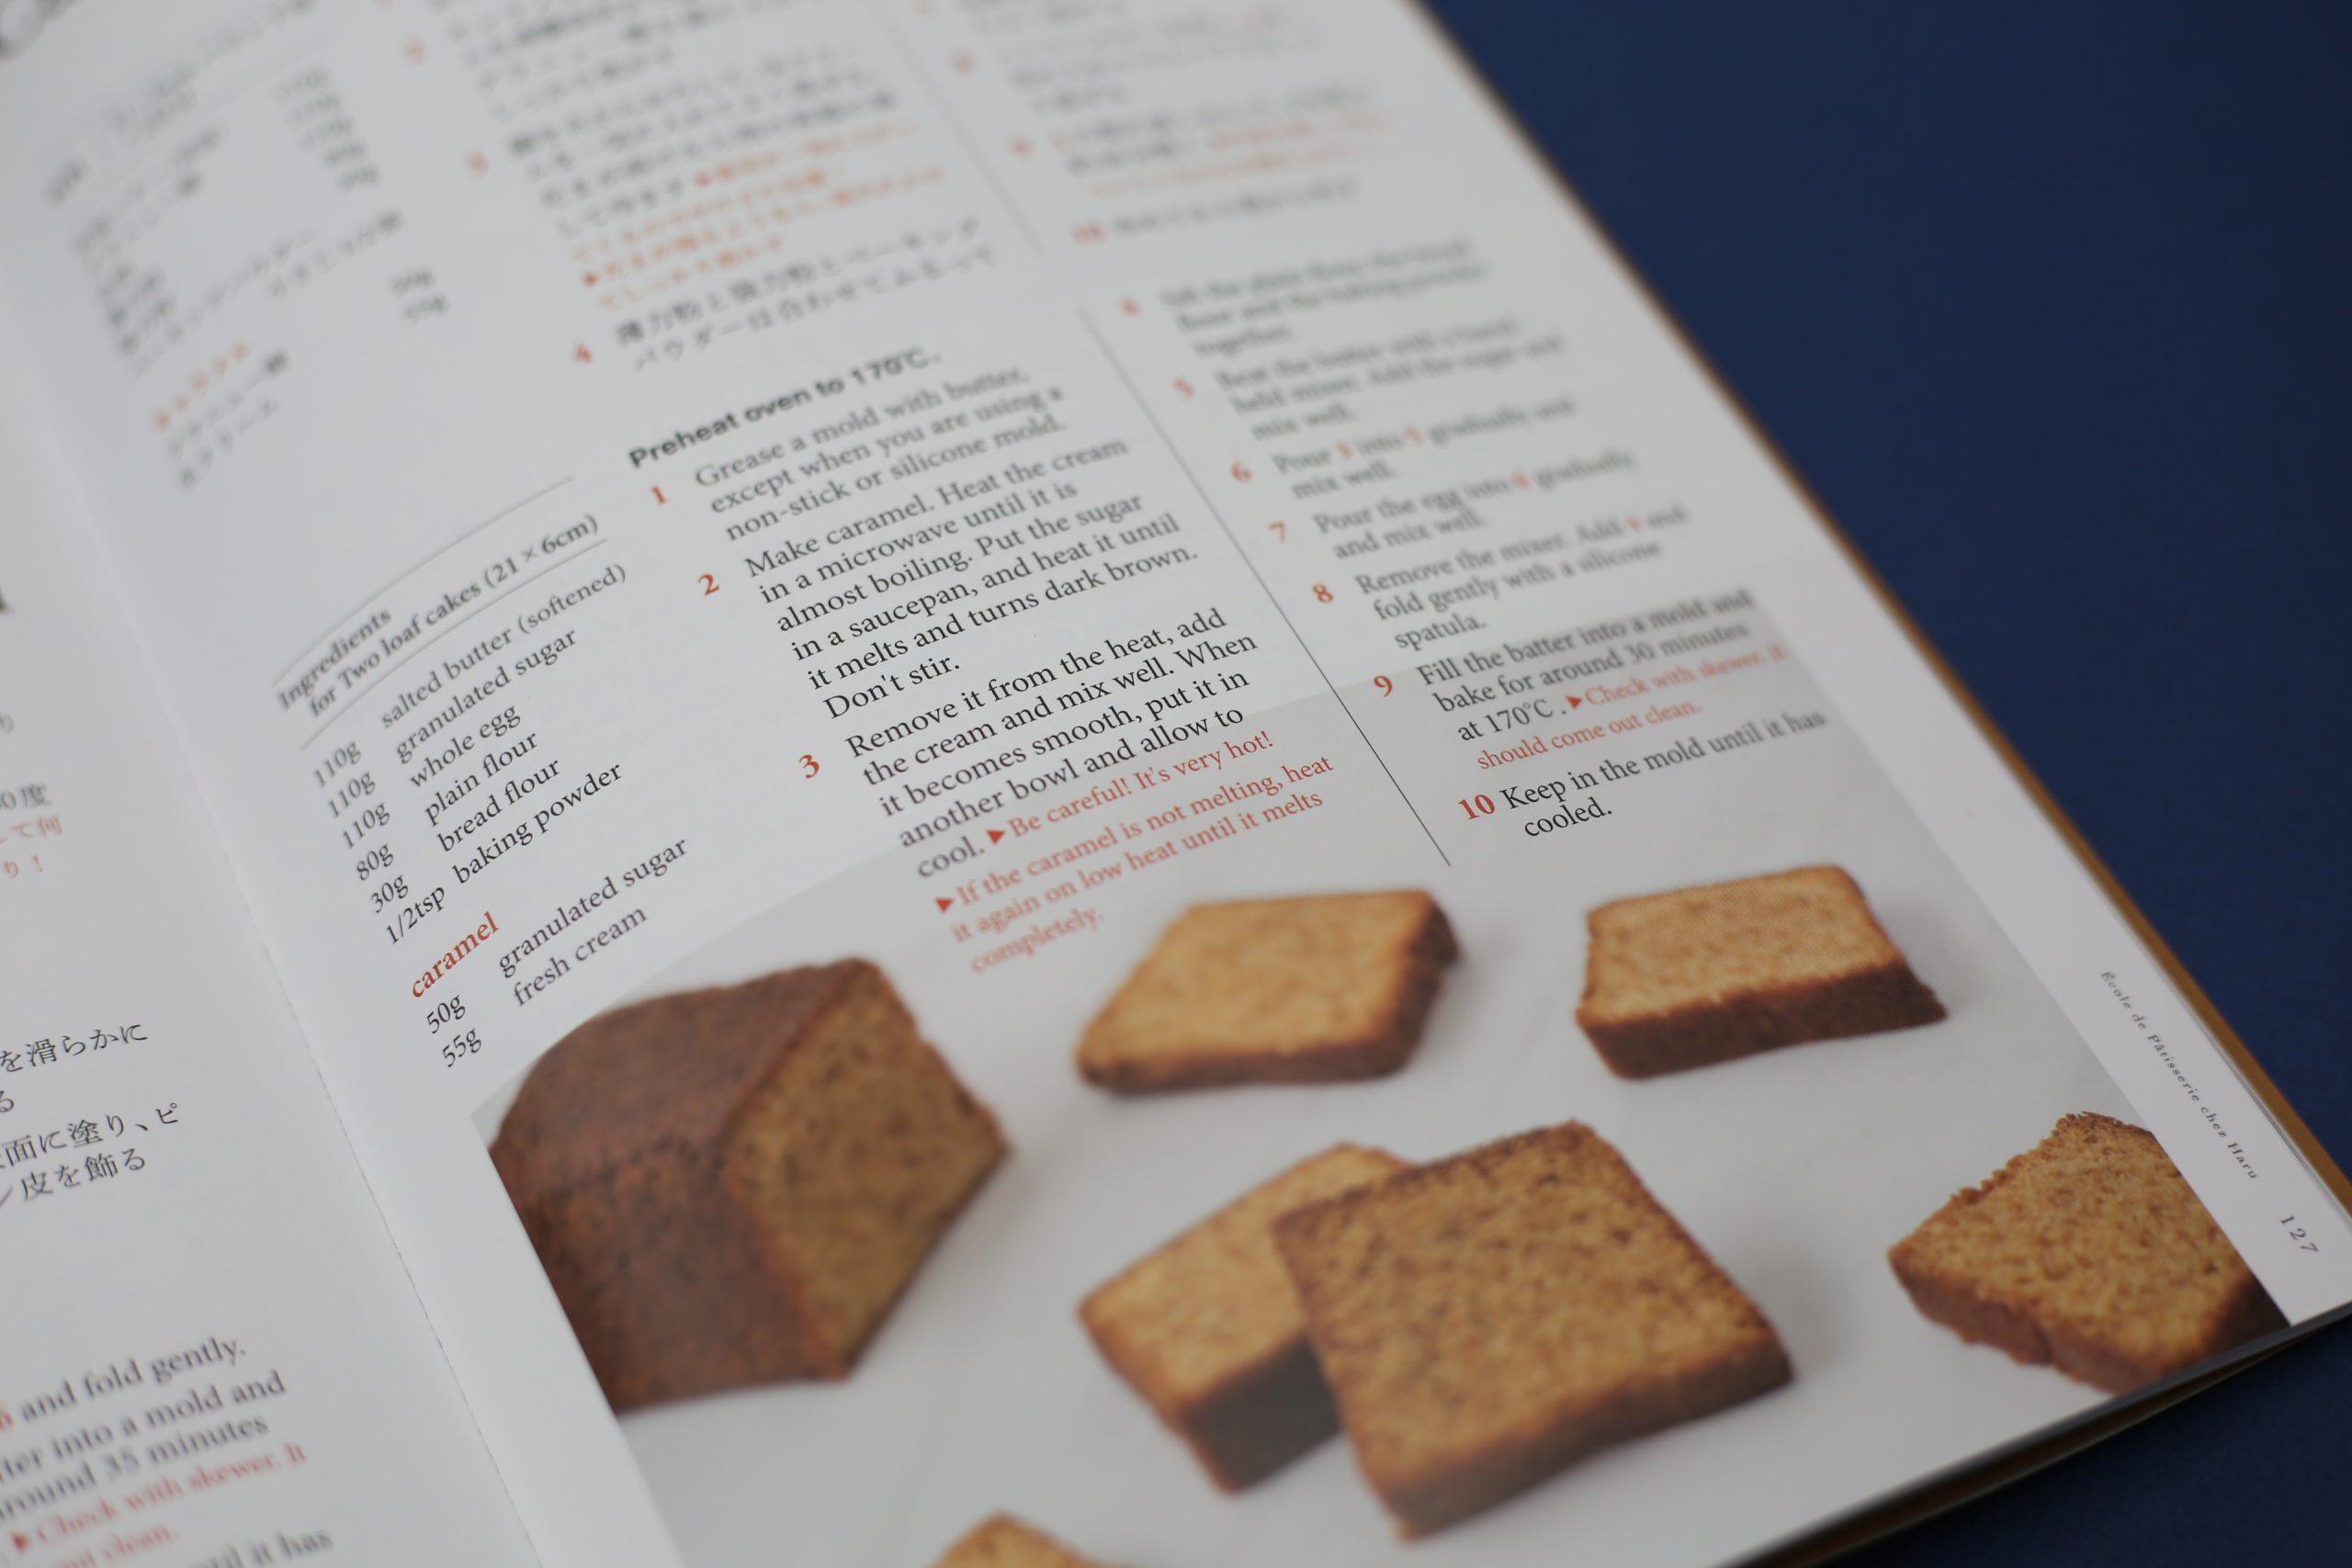 藤川温子のお菓子教室 私が教室で伝えたいレシピ